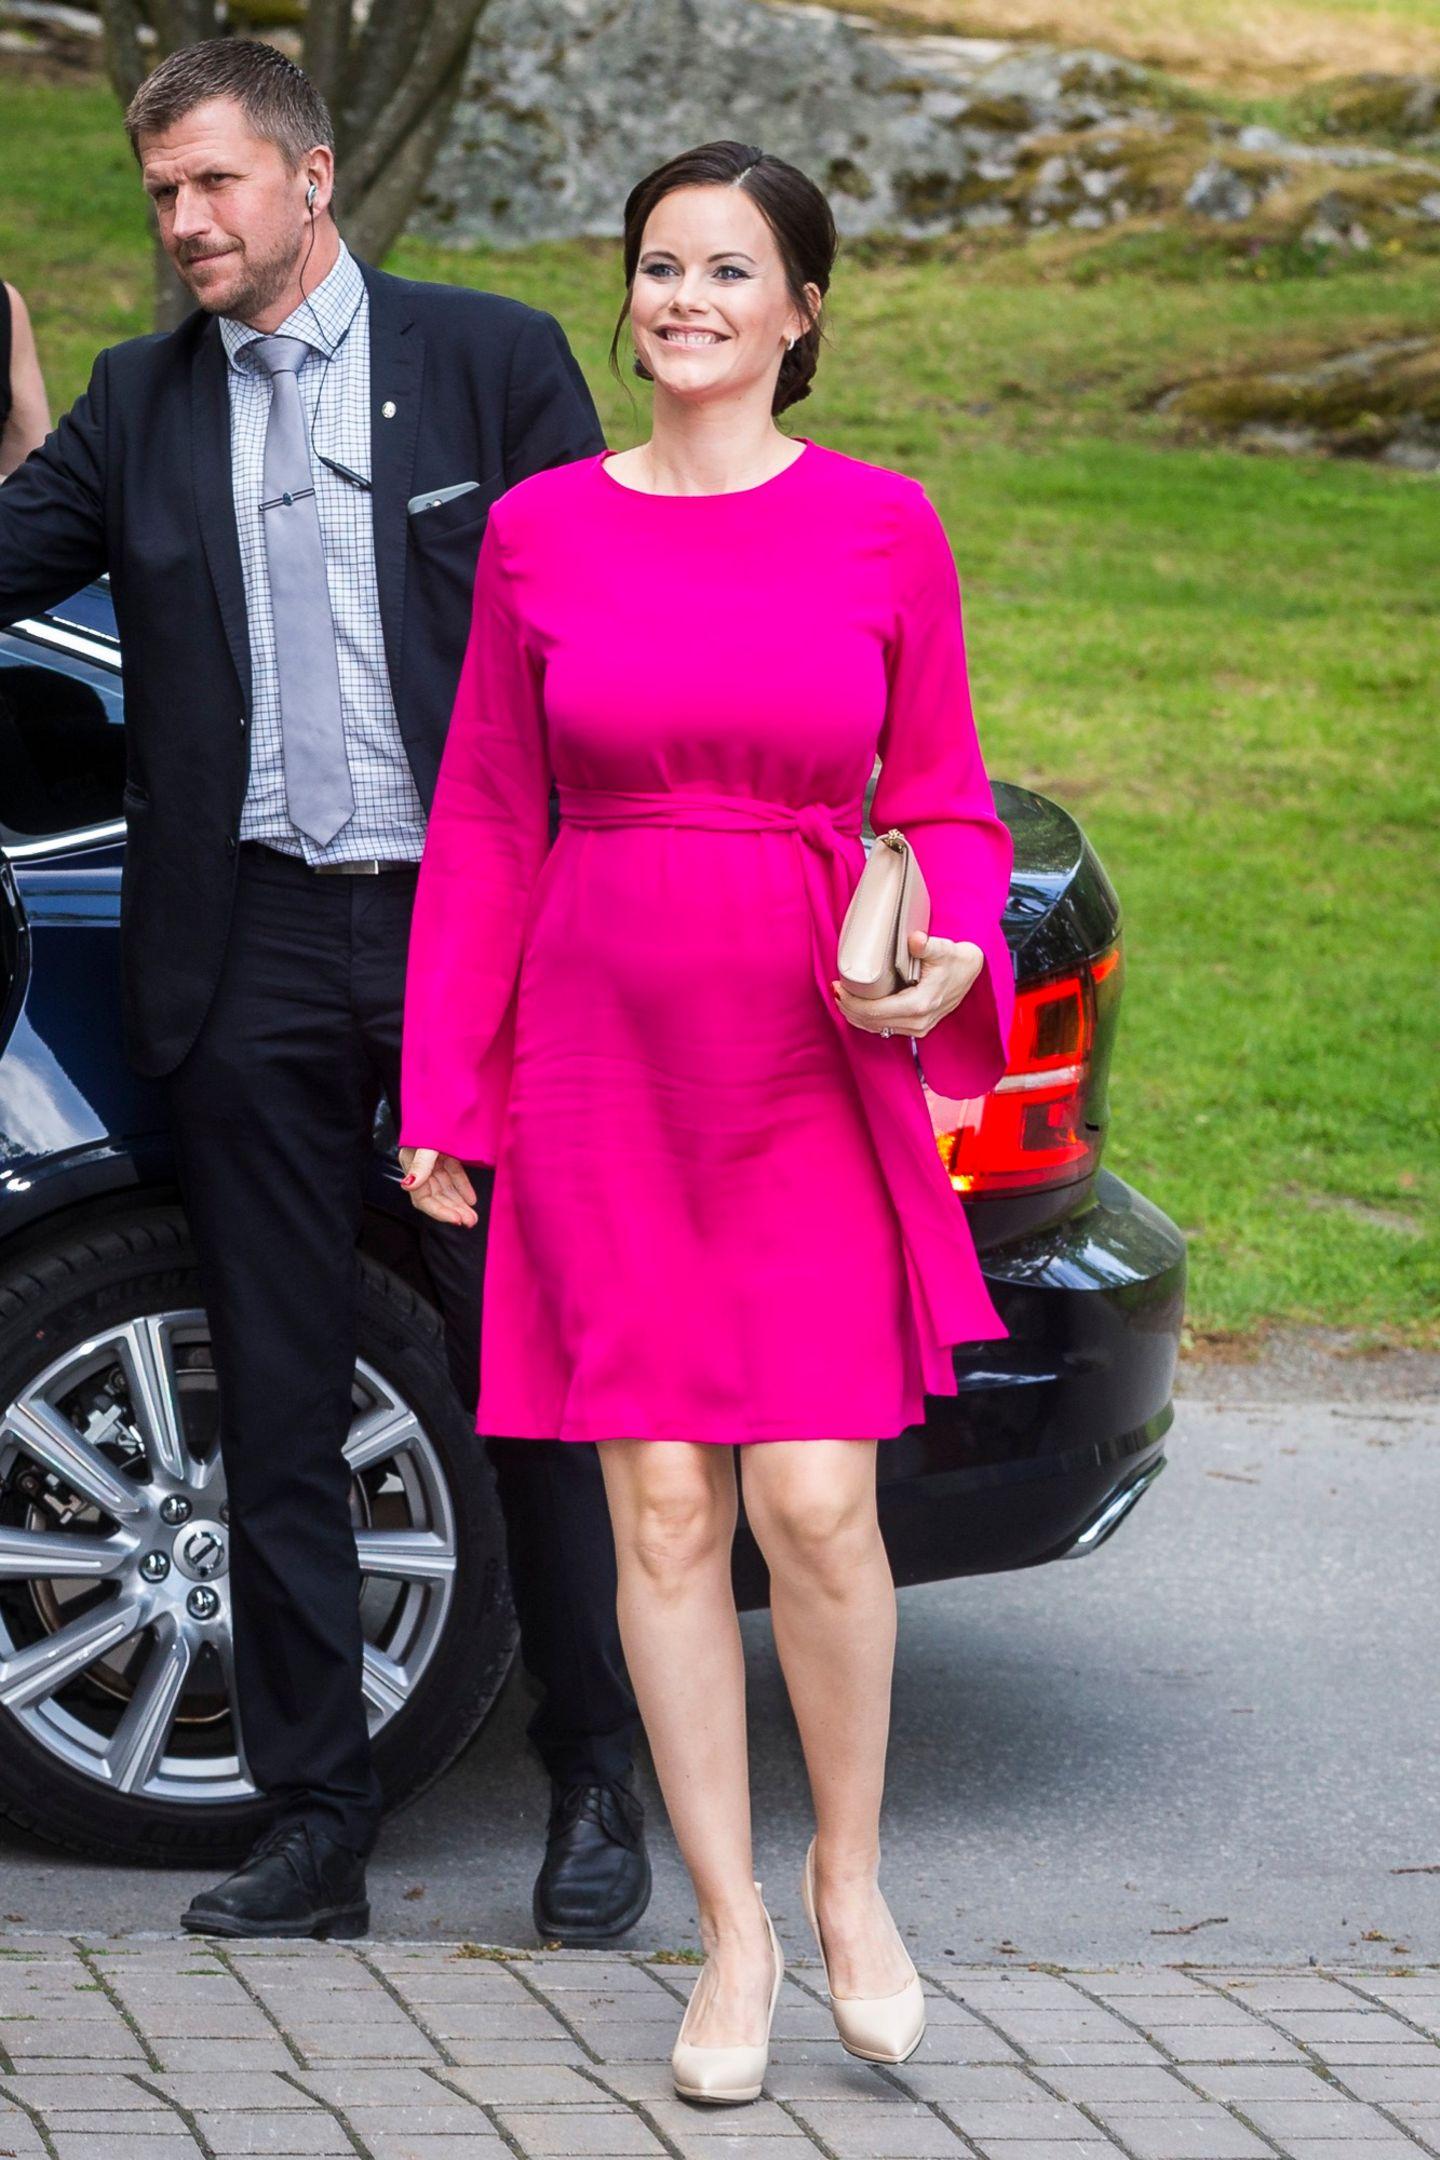 schwangere royals: der schwangerschafts-look von kate